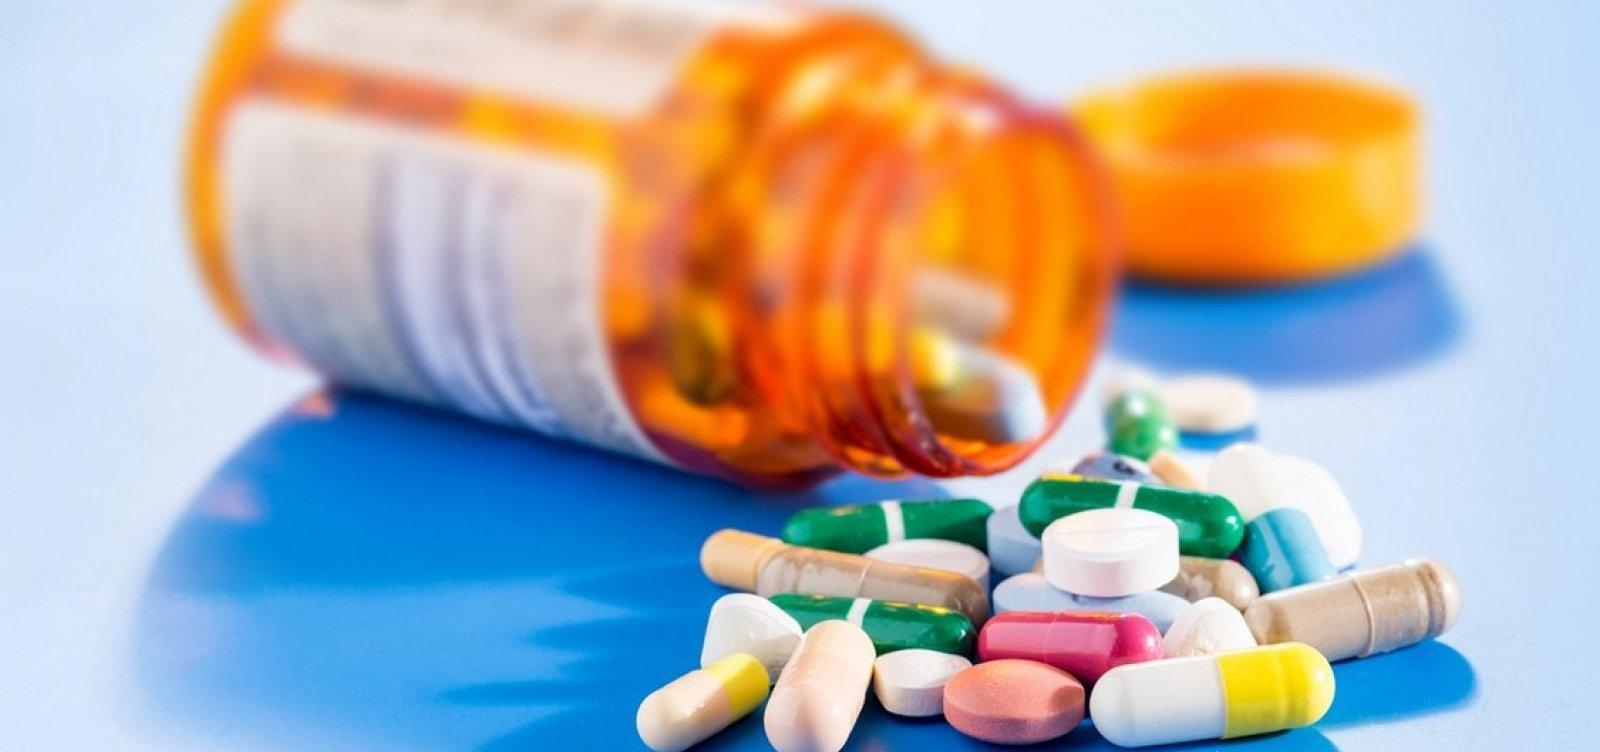 [SUS oferece novo medicamento contra hepatite C]